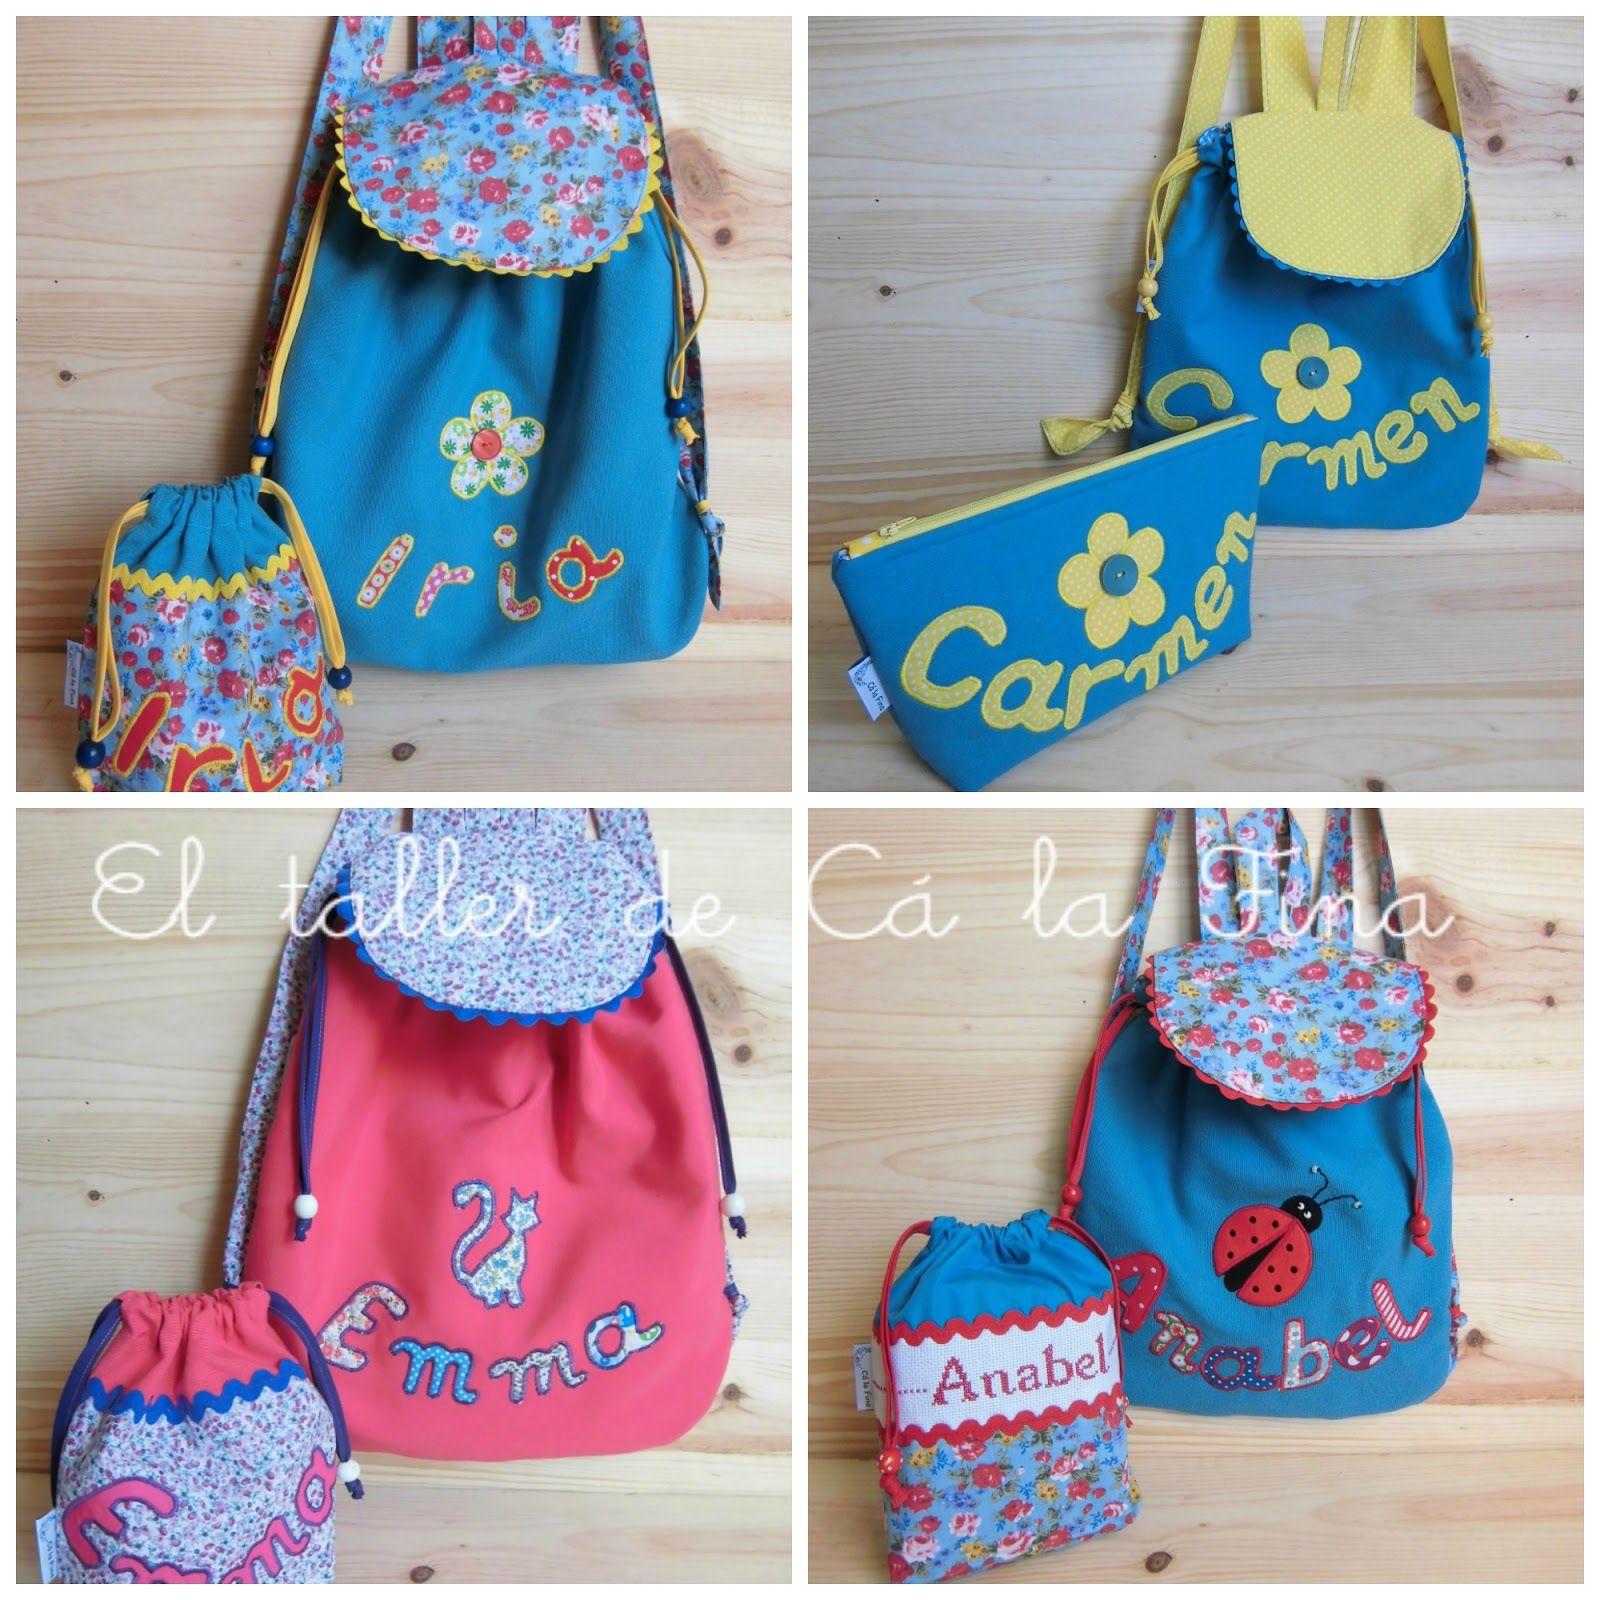 cd6930b25 Mochila de guardería y bolsas de tela personalizadas para niñas ...